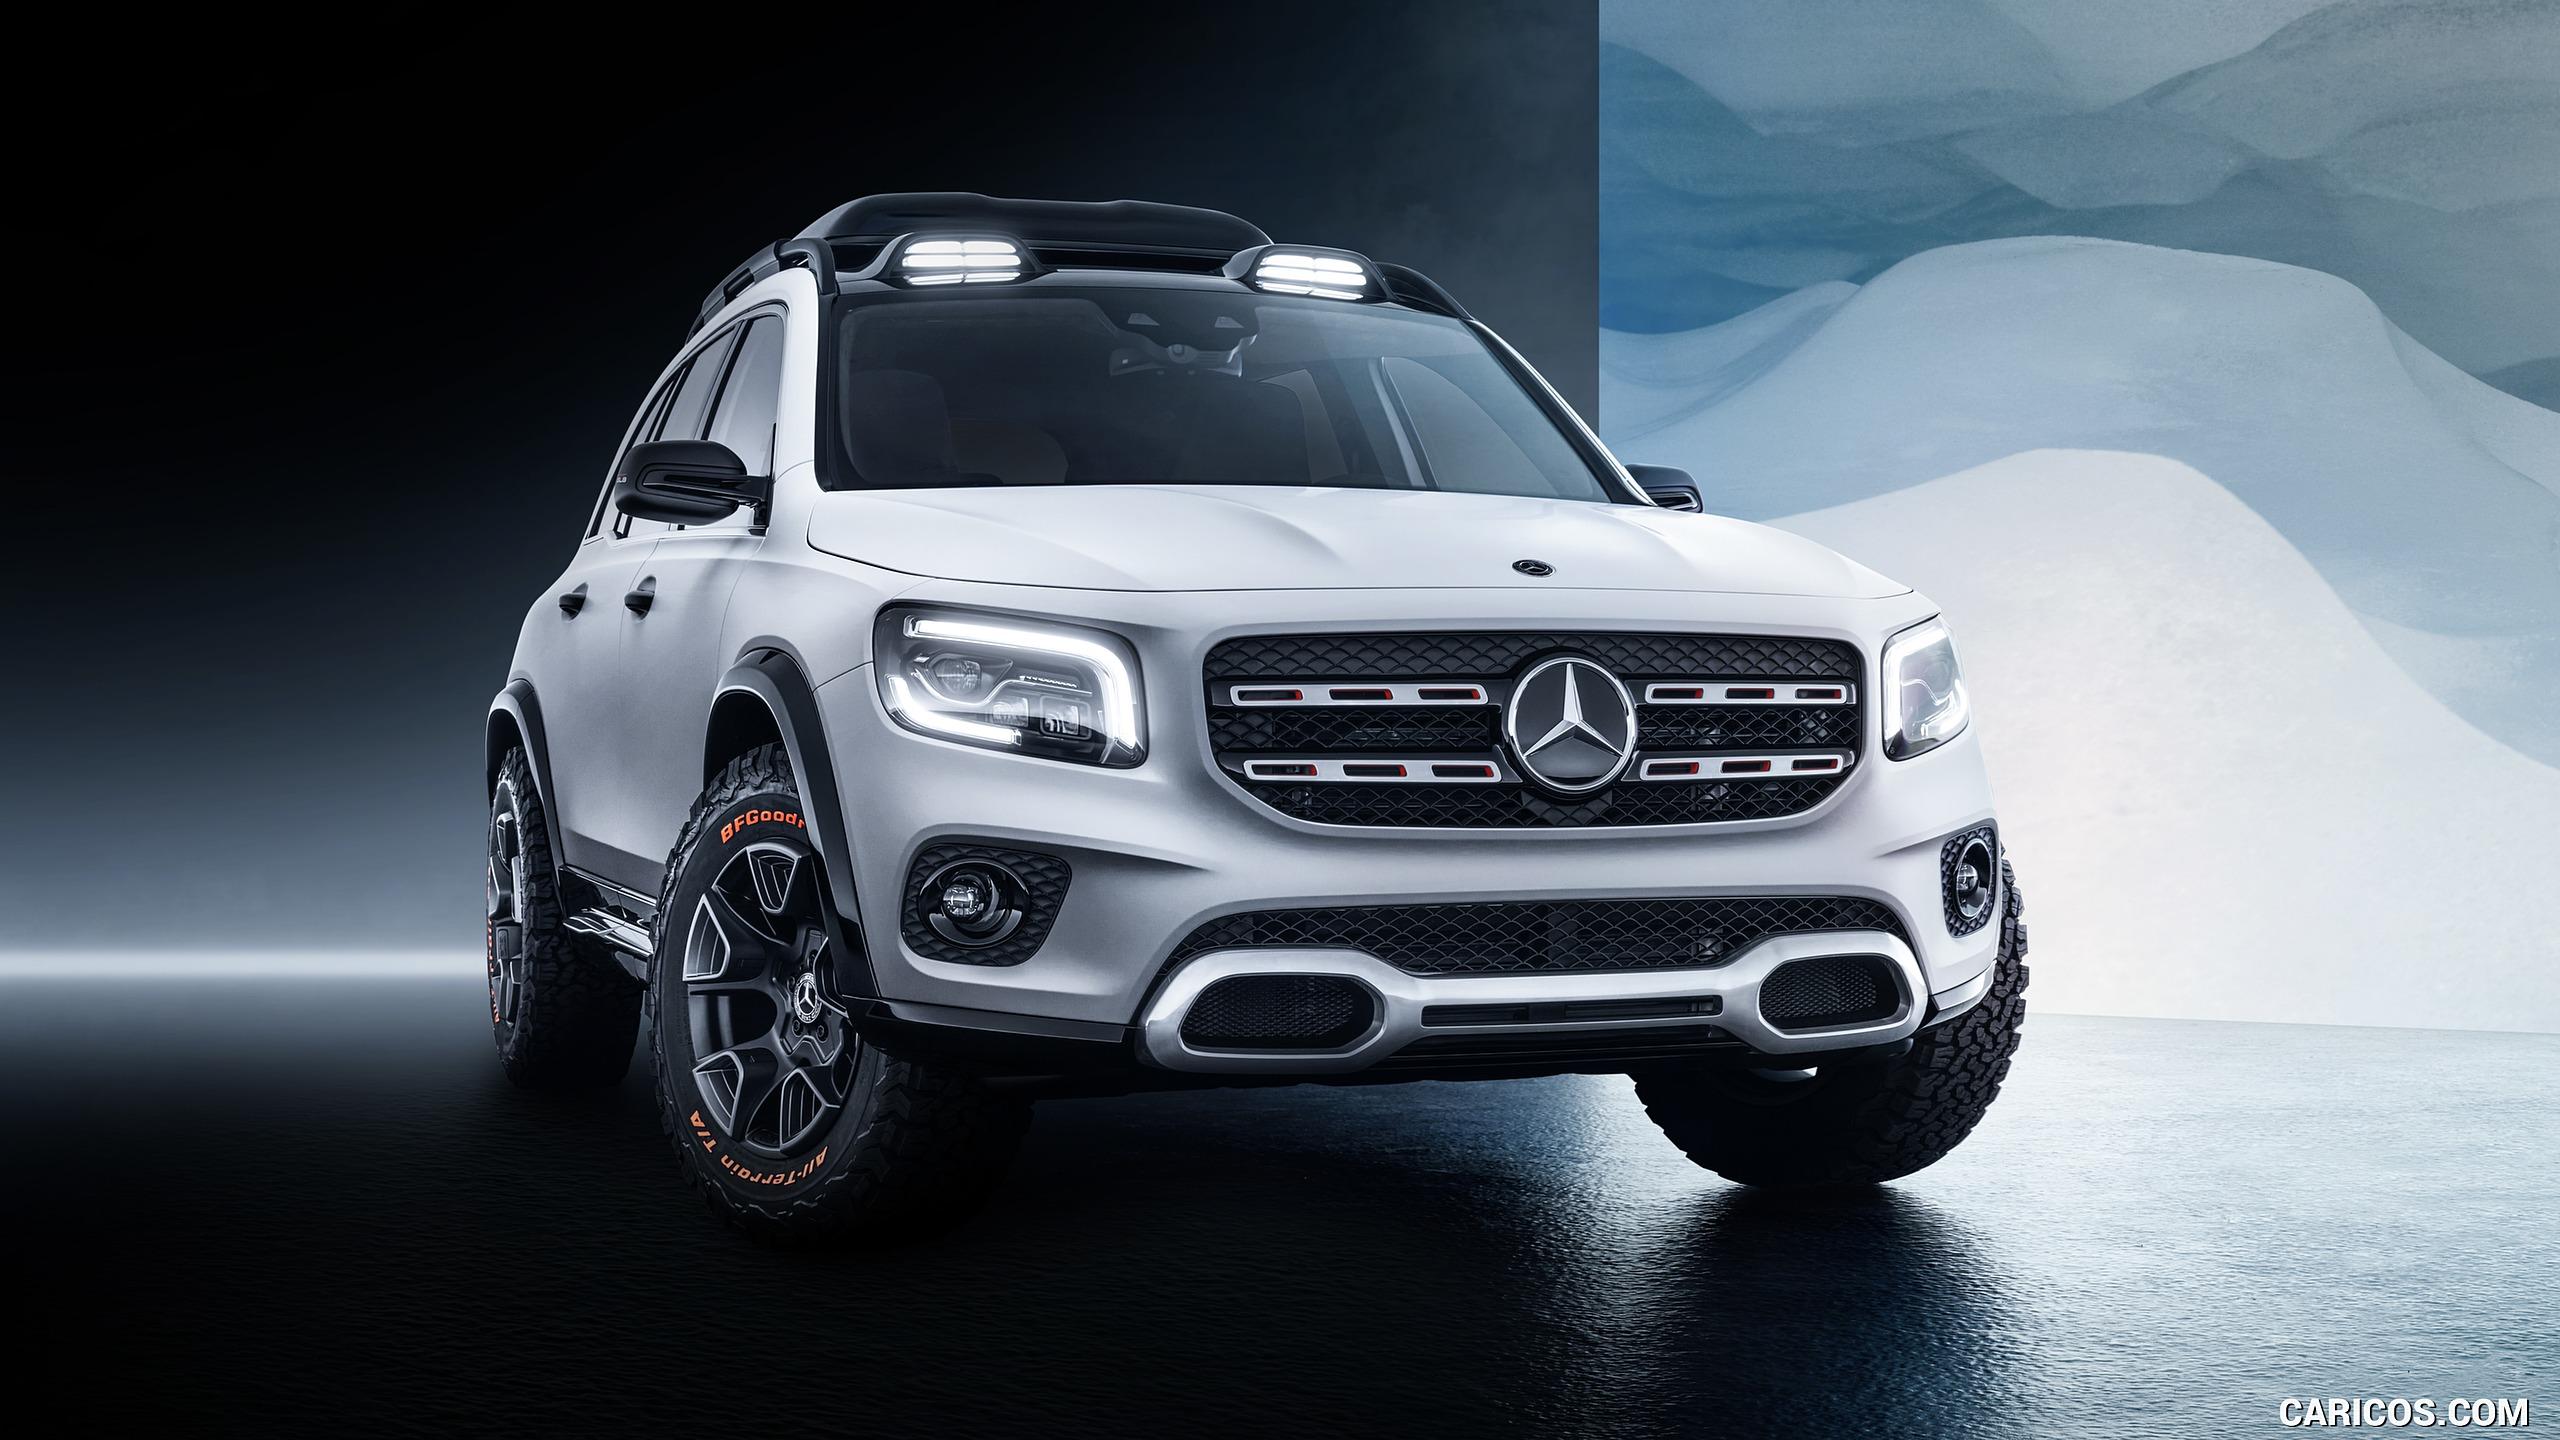 2019 Mercedes Benz GLB Concept   Front HD Wallpaper 4 2560x1440